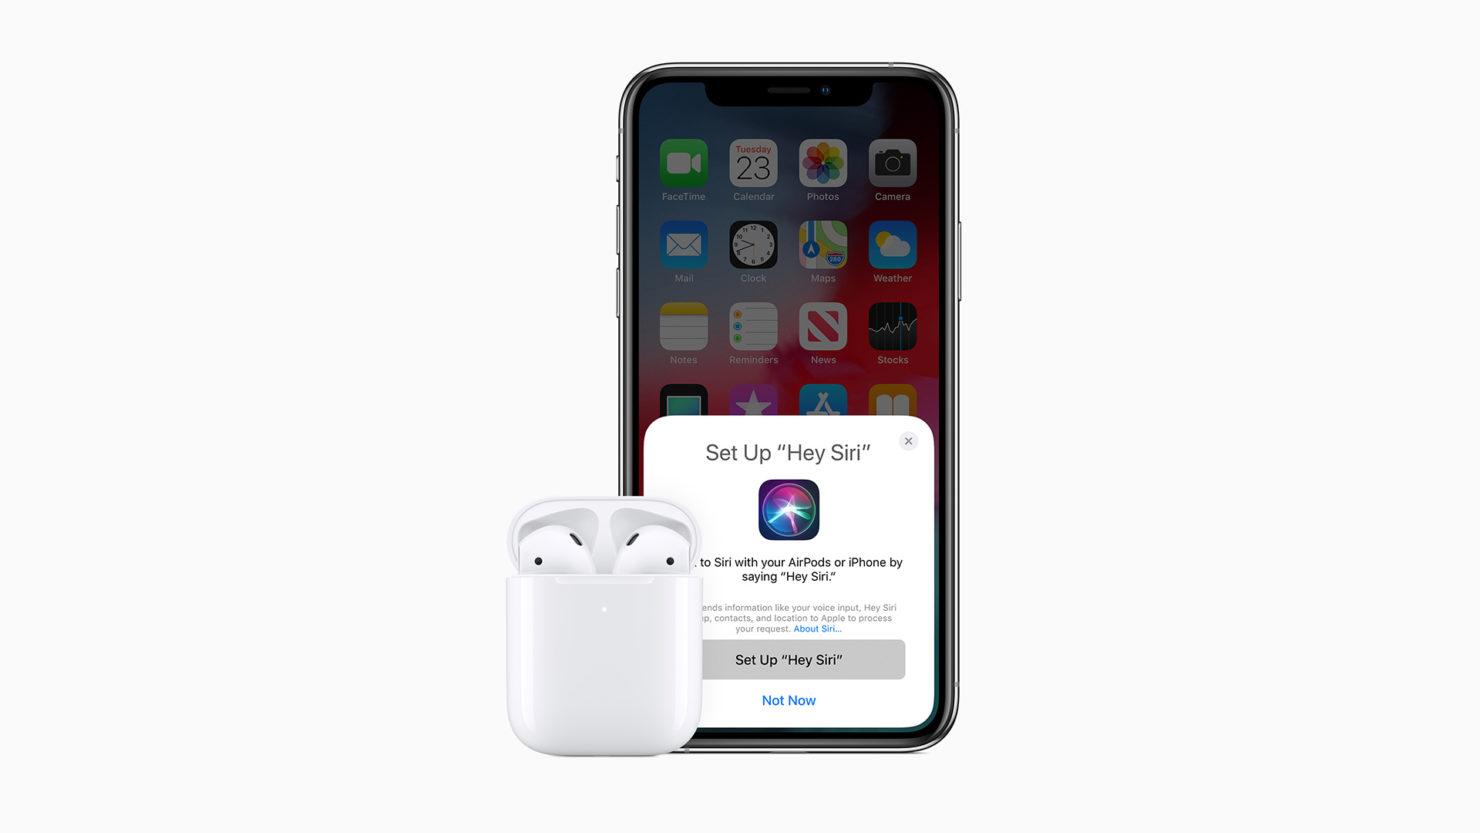 Apple darmowe słuchawki bezprzewodowe AirPods iPhone 12 2020